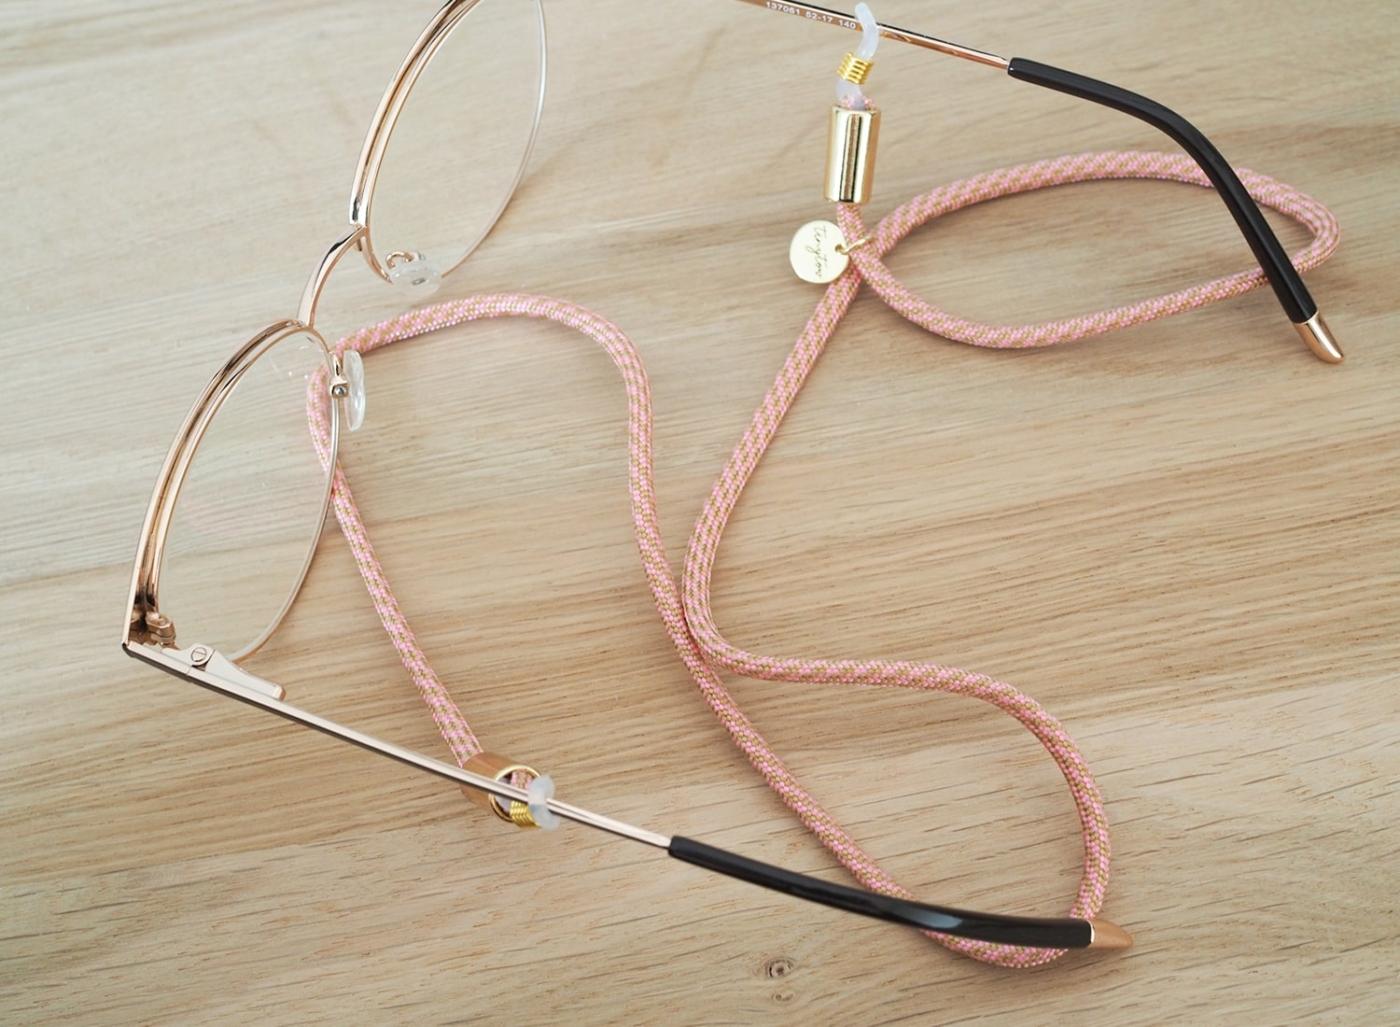 Unser Brillenband Betty aus dünnem Tau passt dank der Silikonschlaufen an jedes Brillengestell